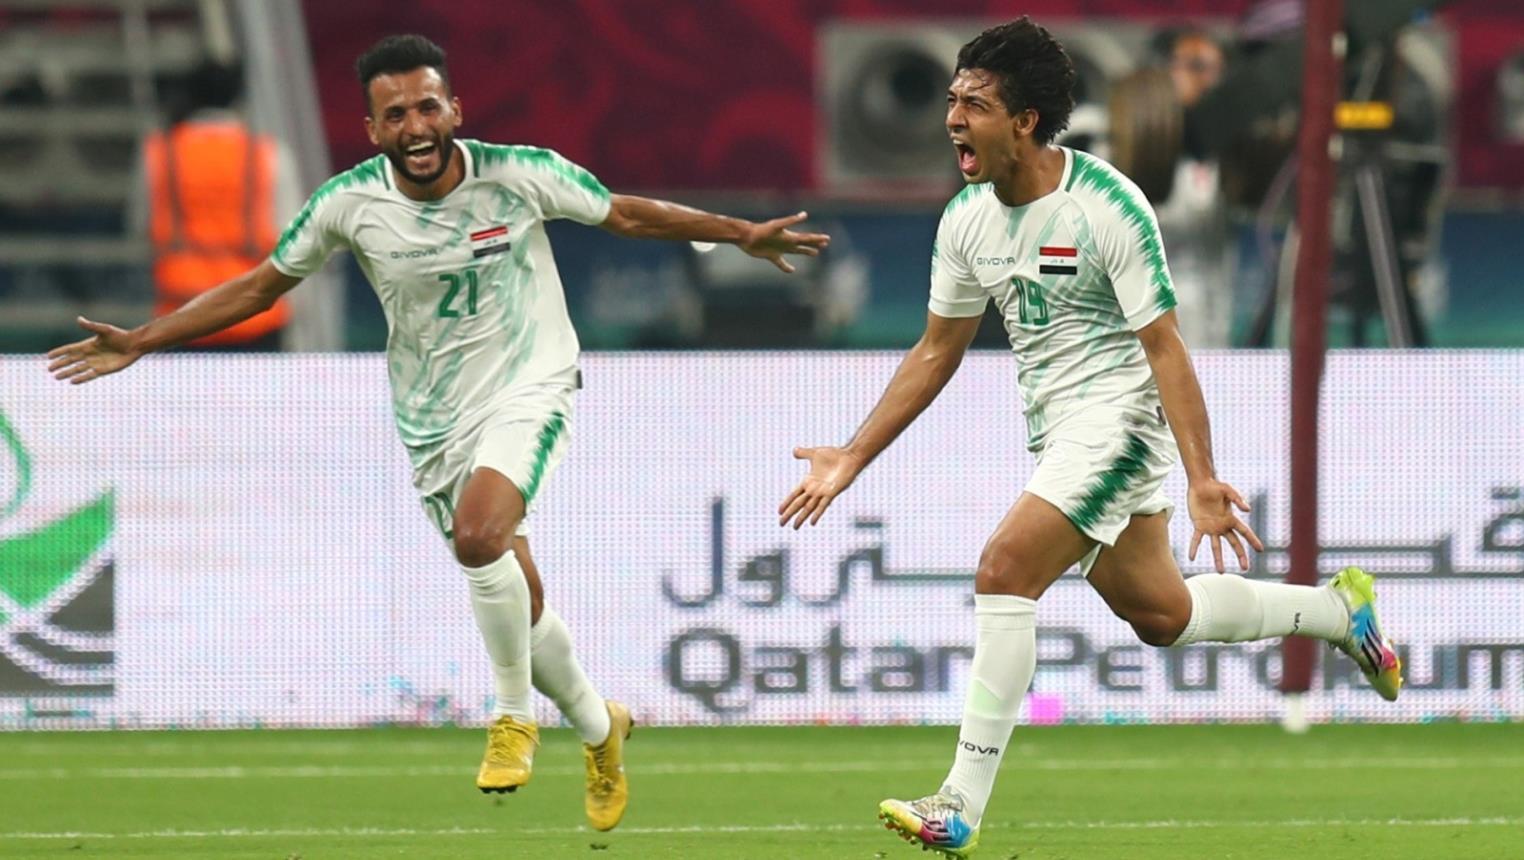 الإعلام القطري ينتقد منتخبه الوطني بعد هزيمته أمام العراق